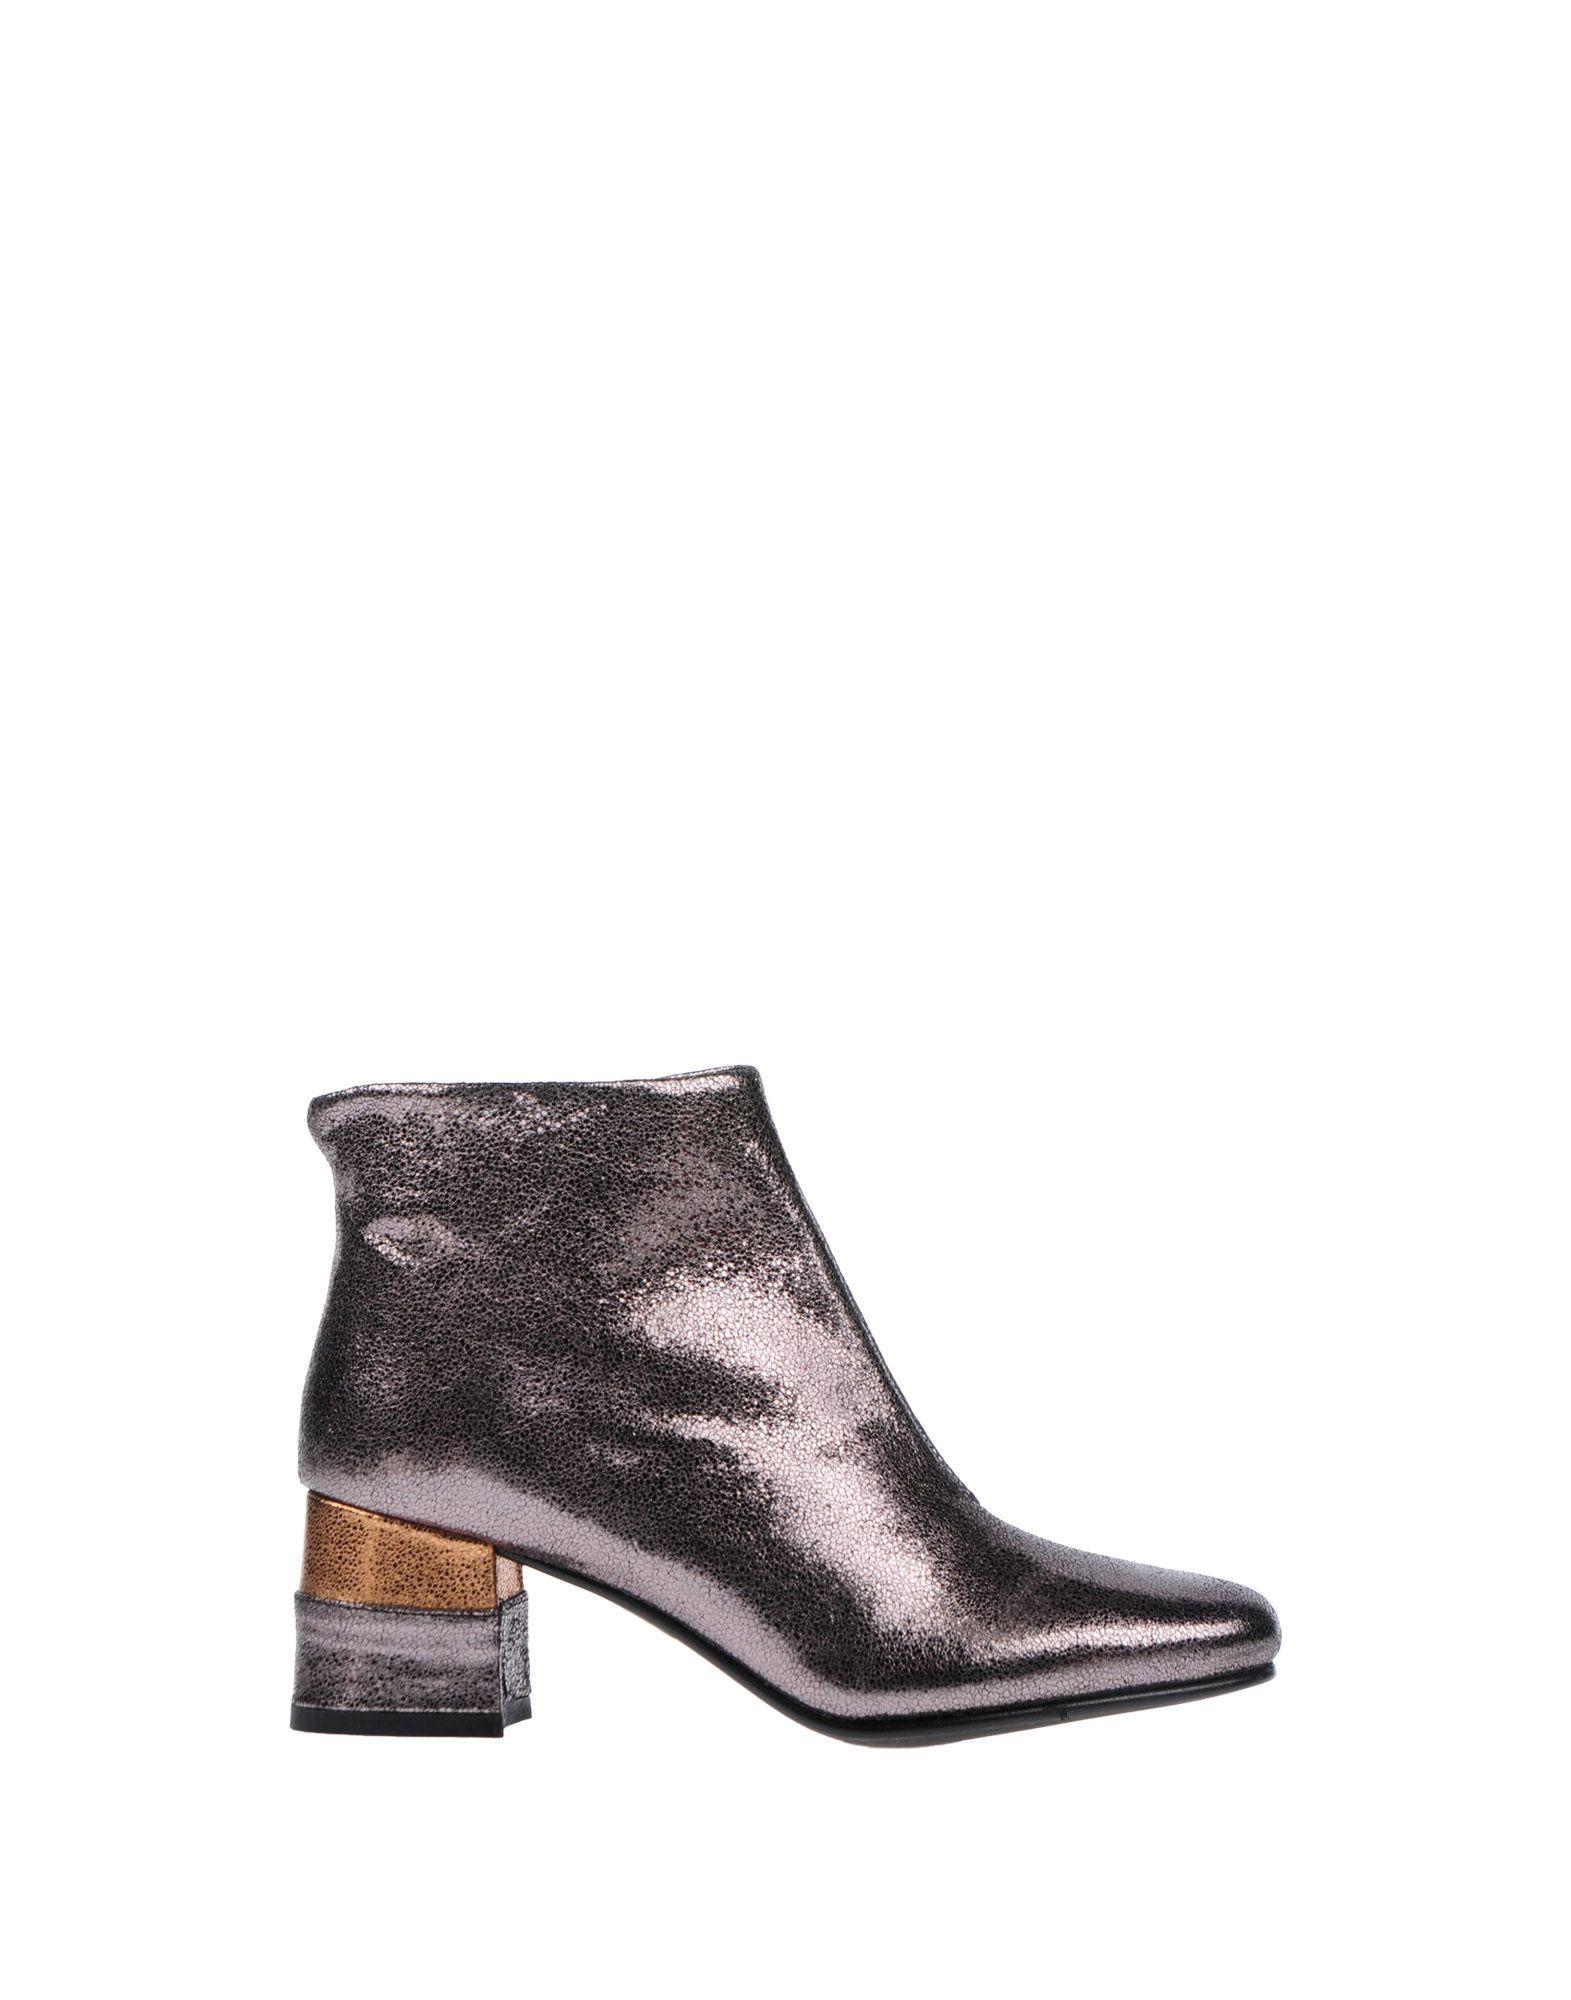 Emanuélle Vee Stiefelette Damen  11428685GS Gute Qualität beliebte Schuhe